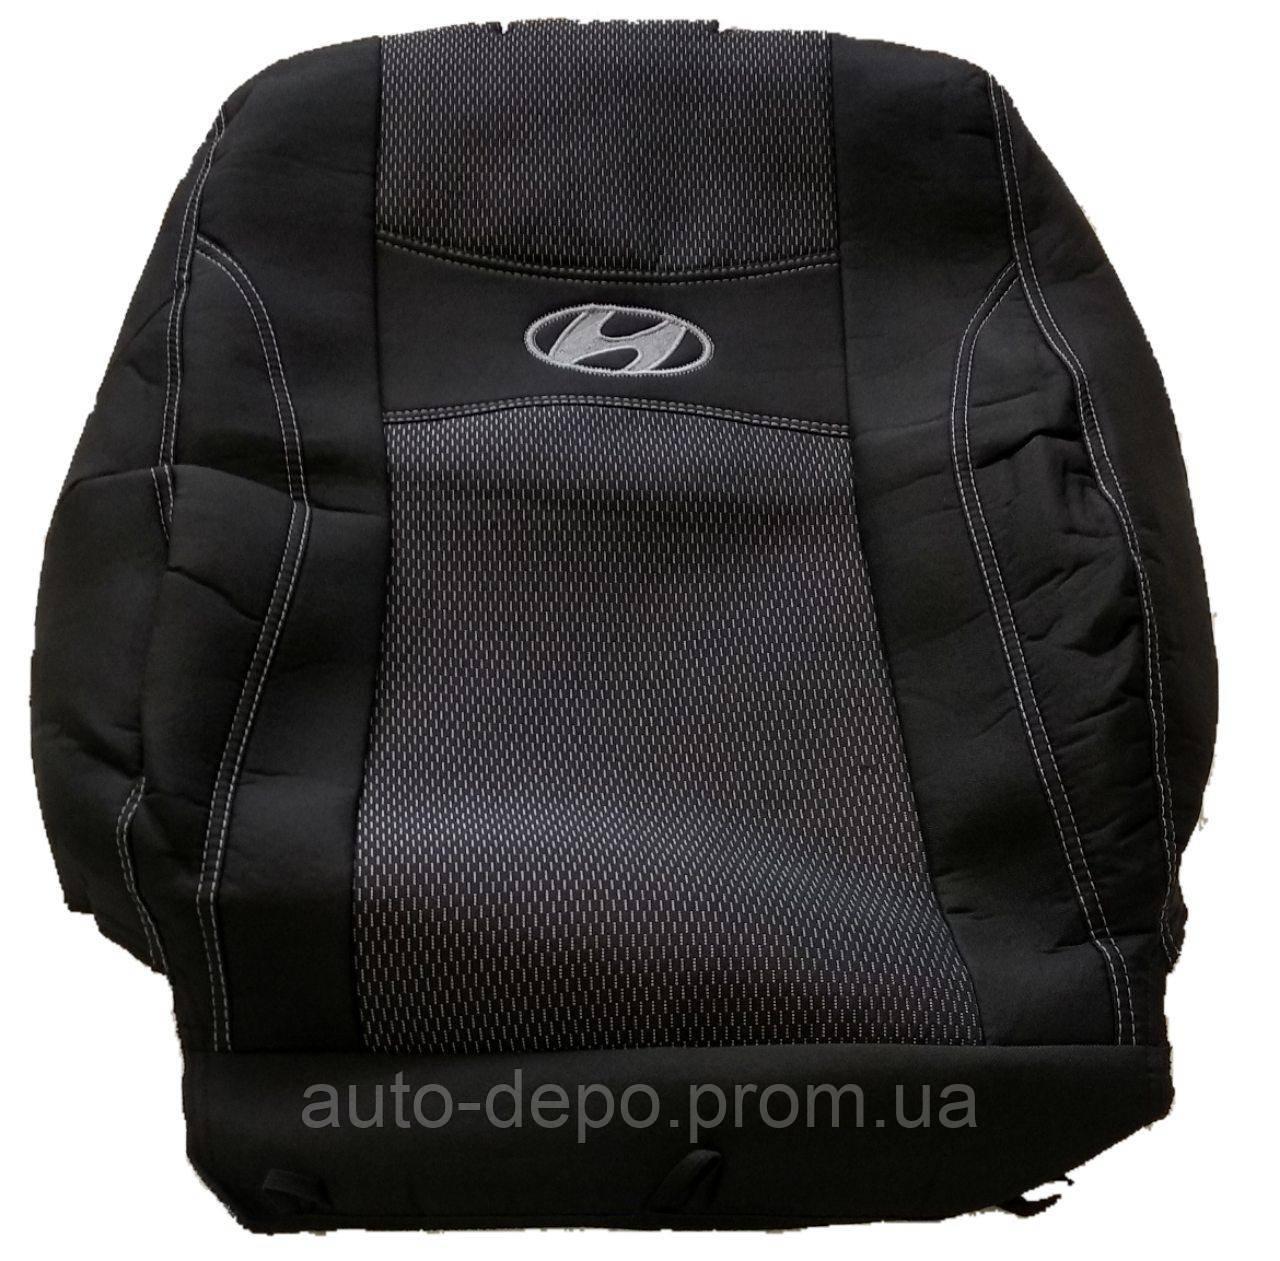 Чехлы на сиденья Хюндай i20, Авточехлы для Hyundai i20 2008- Nika полный комплект